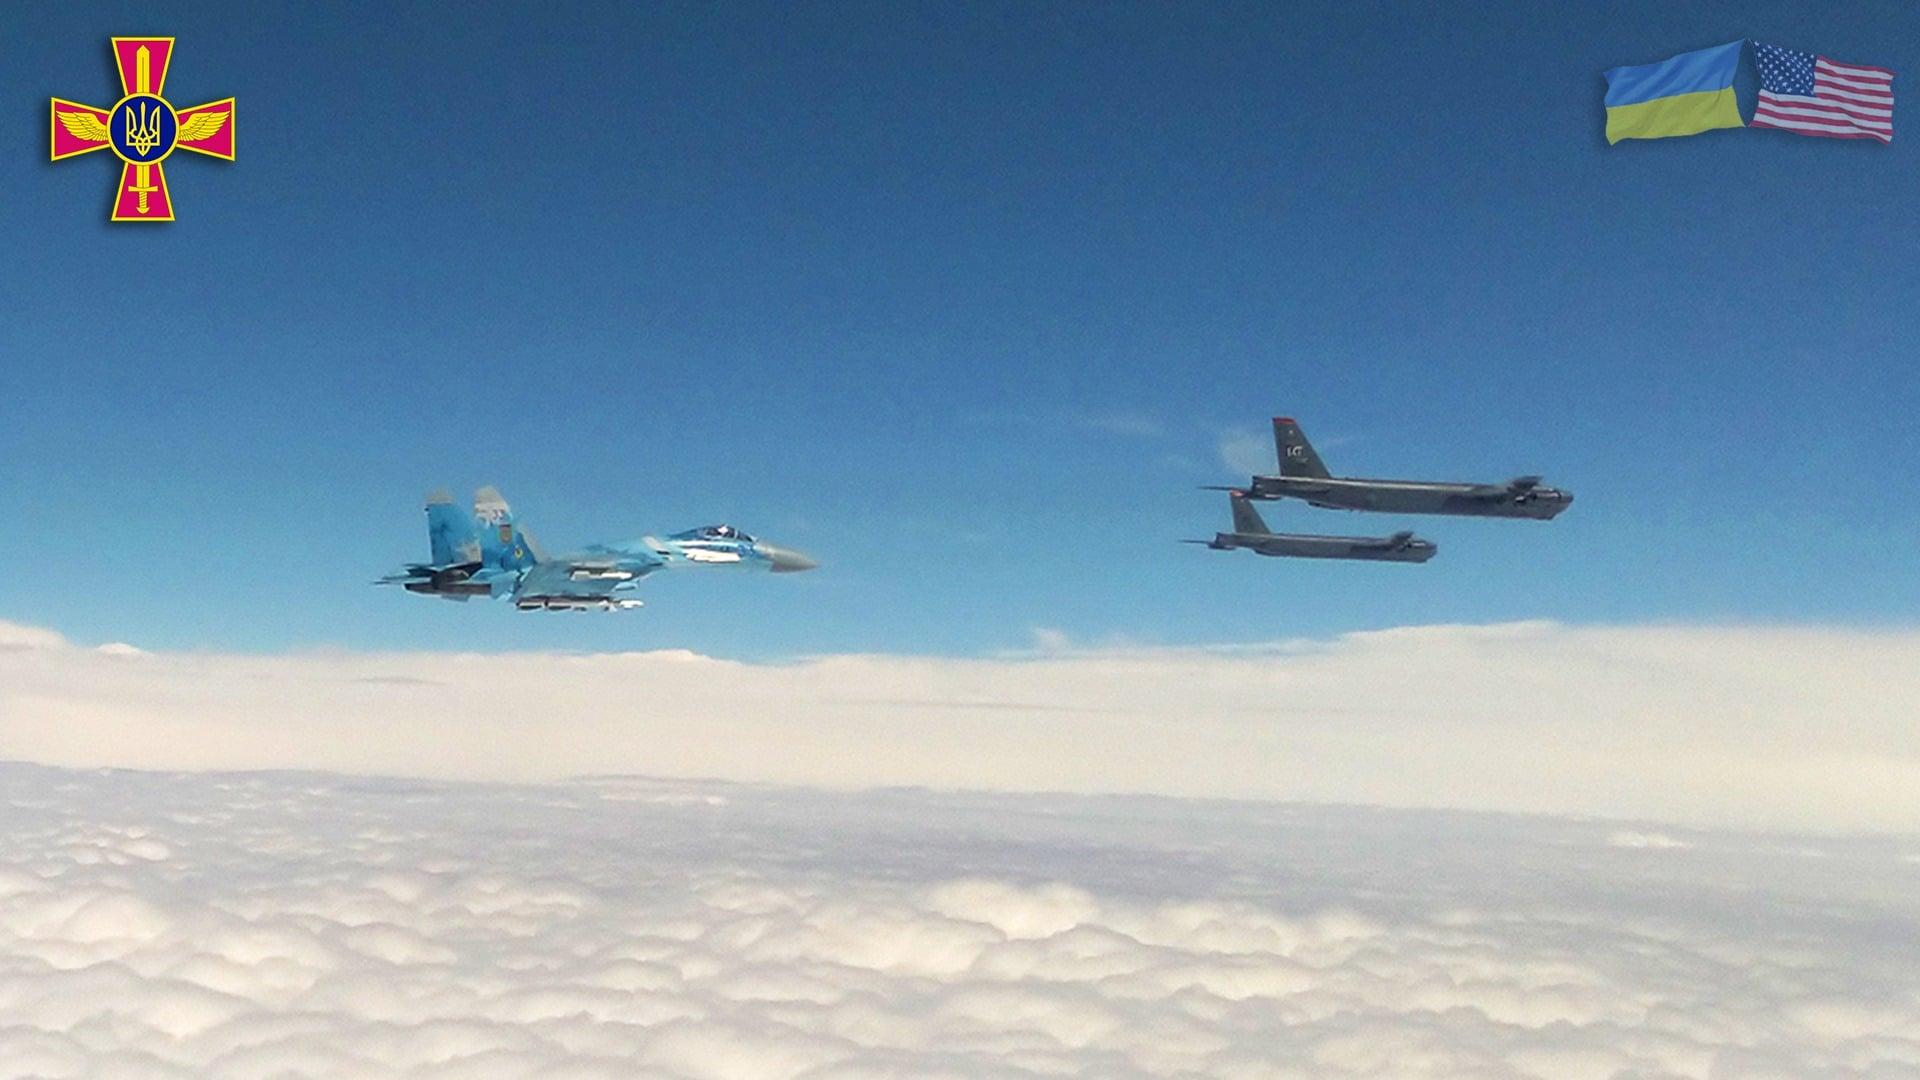 B-52-esek ukrán légtérben, ukrán kísérőkkel (fotók: Ukrán Védelmi Minisztérium, Facebook)